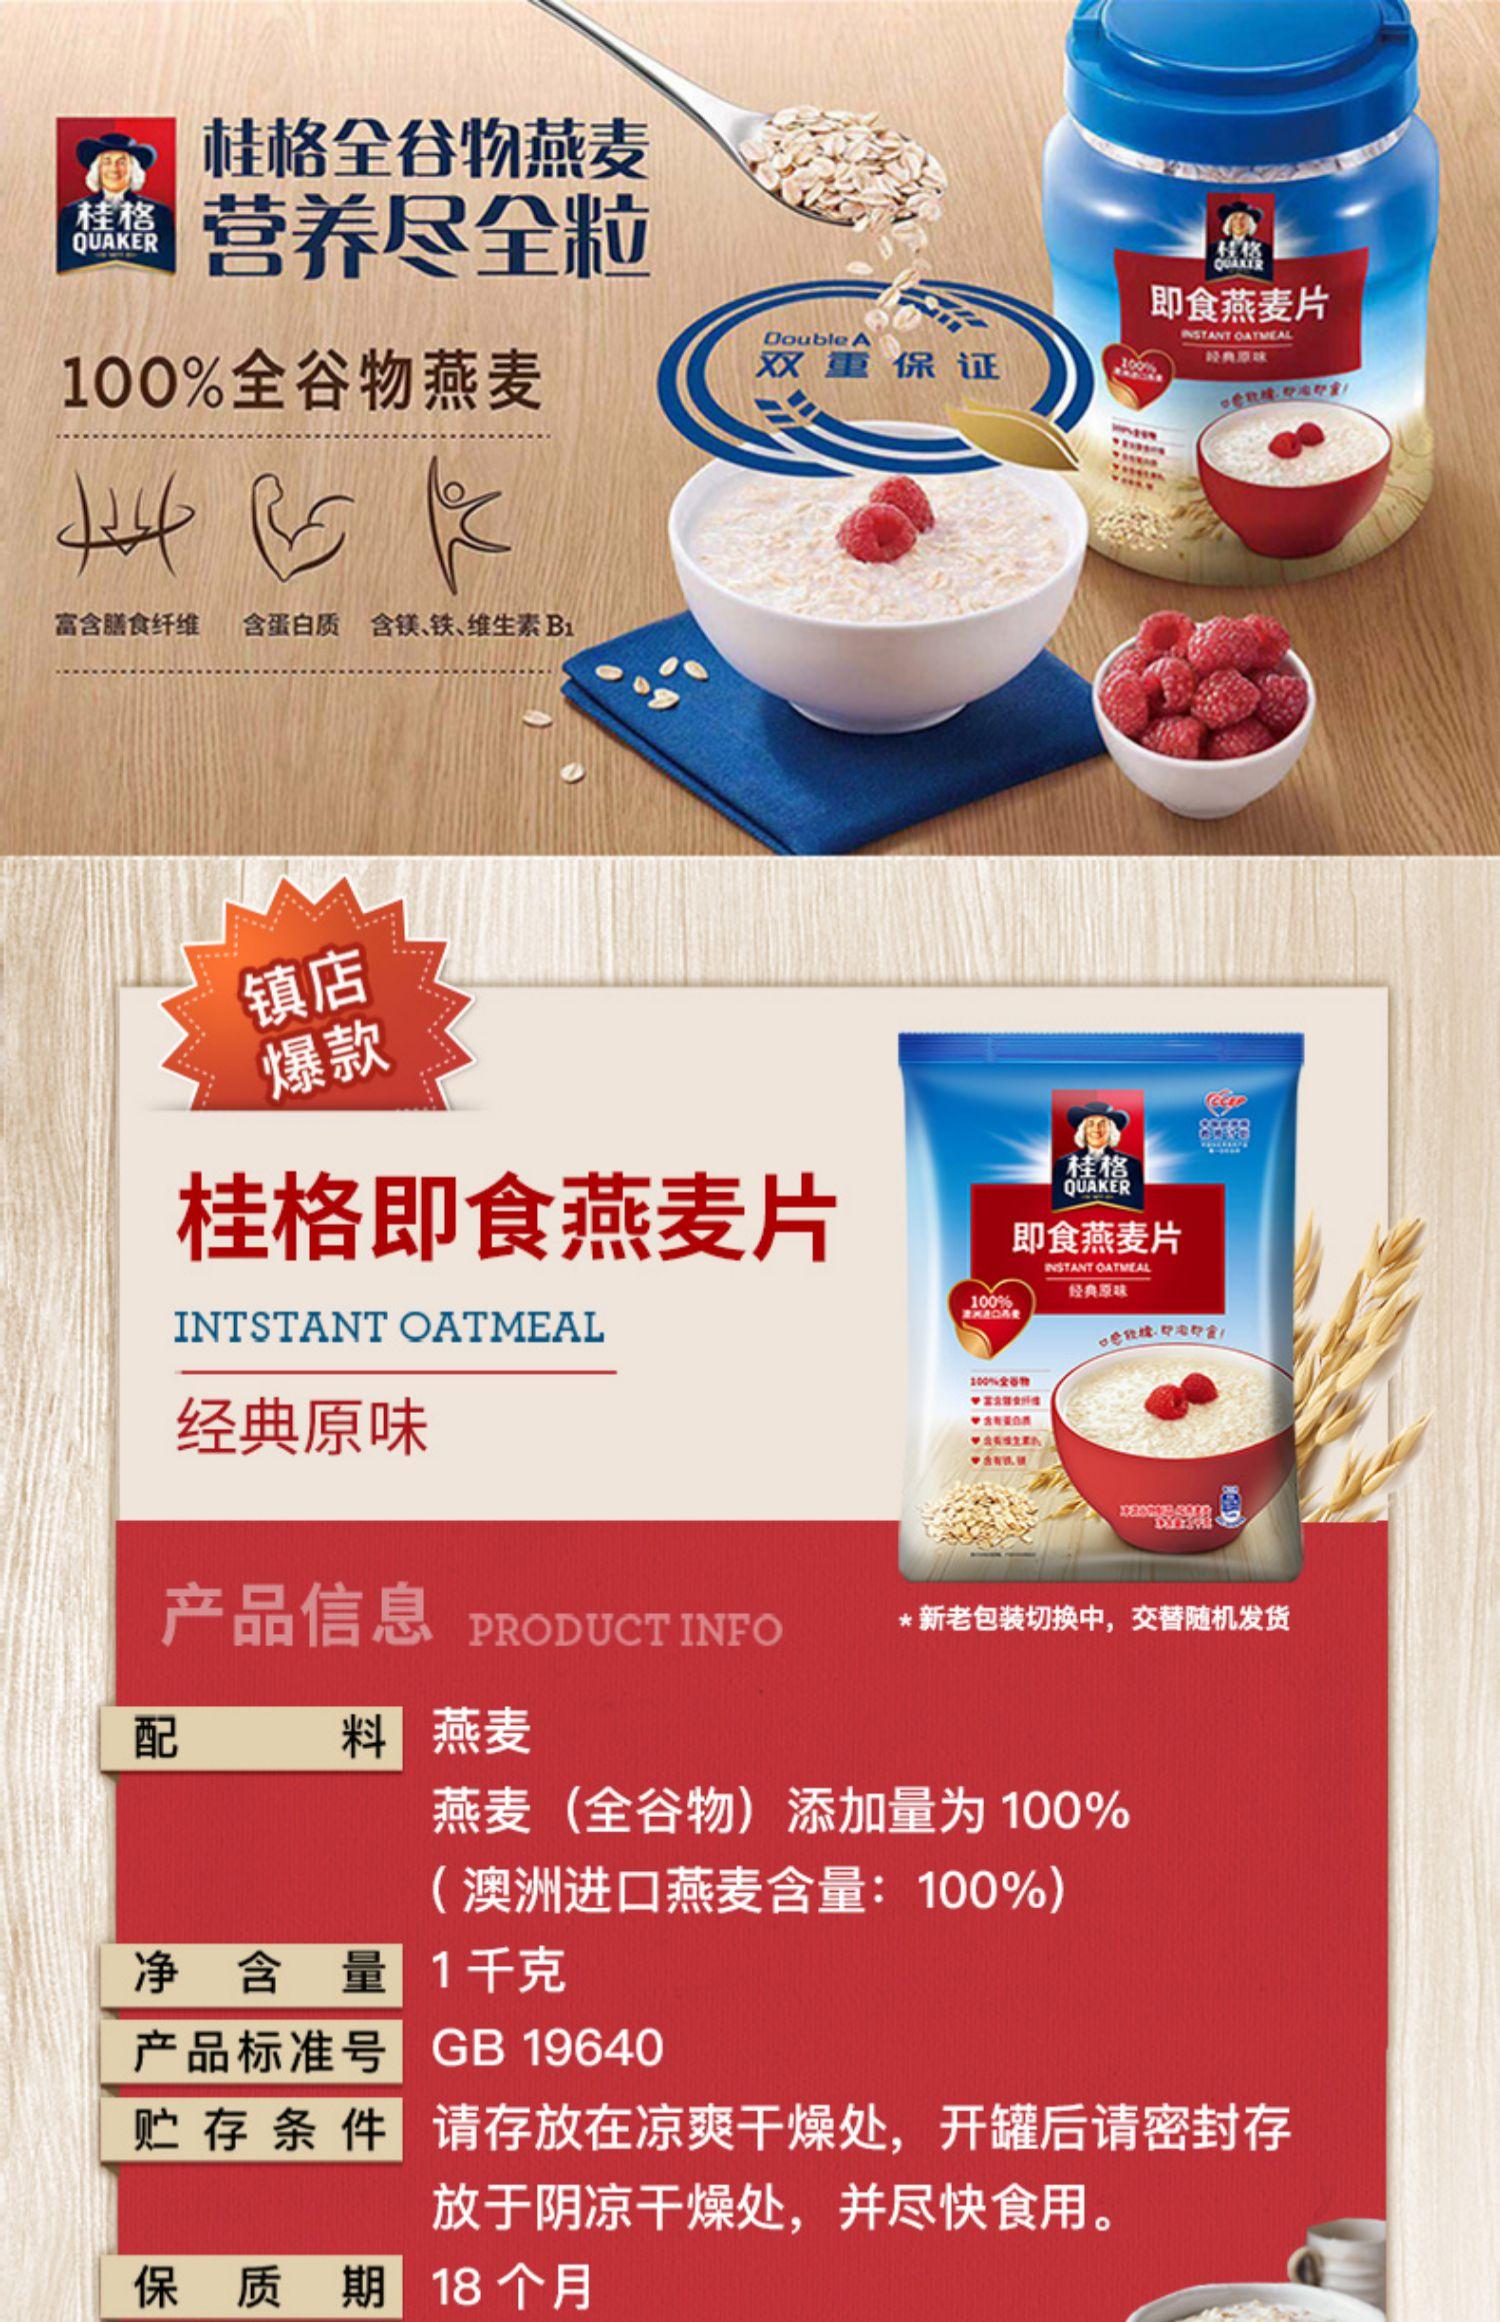 桂格 即食燕麦片 1kg*3袋